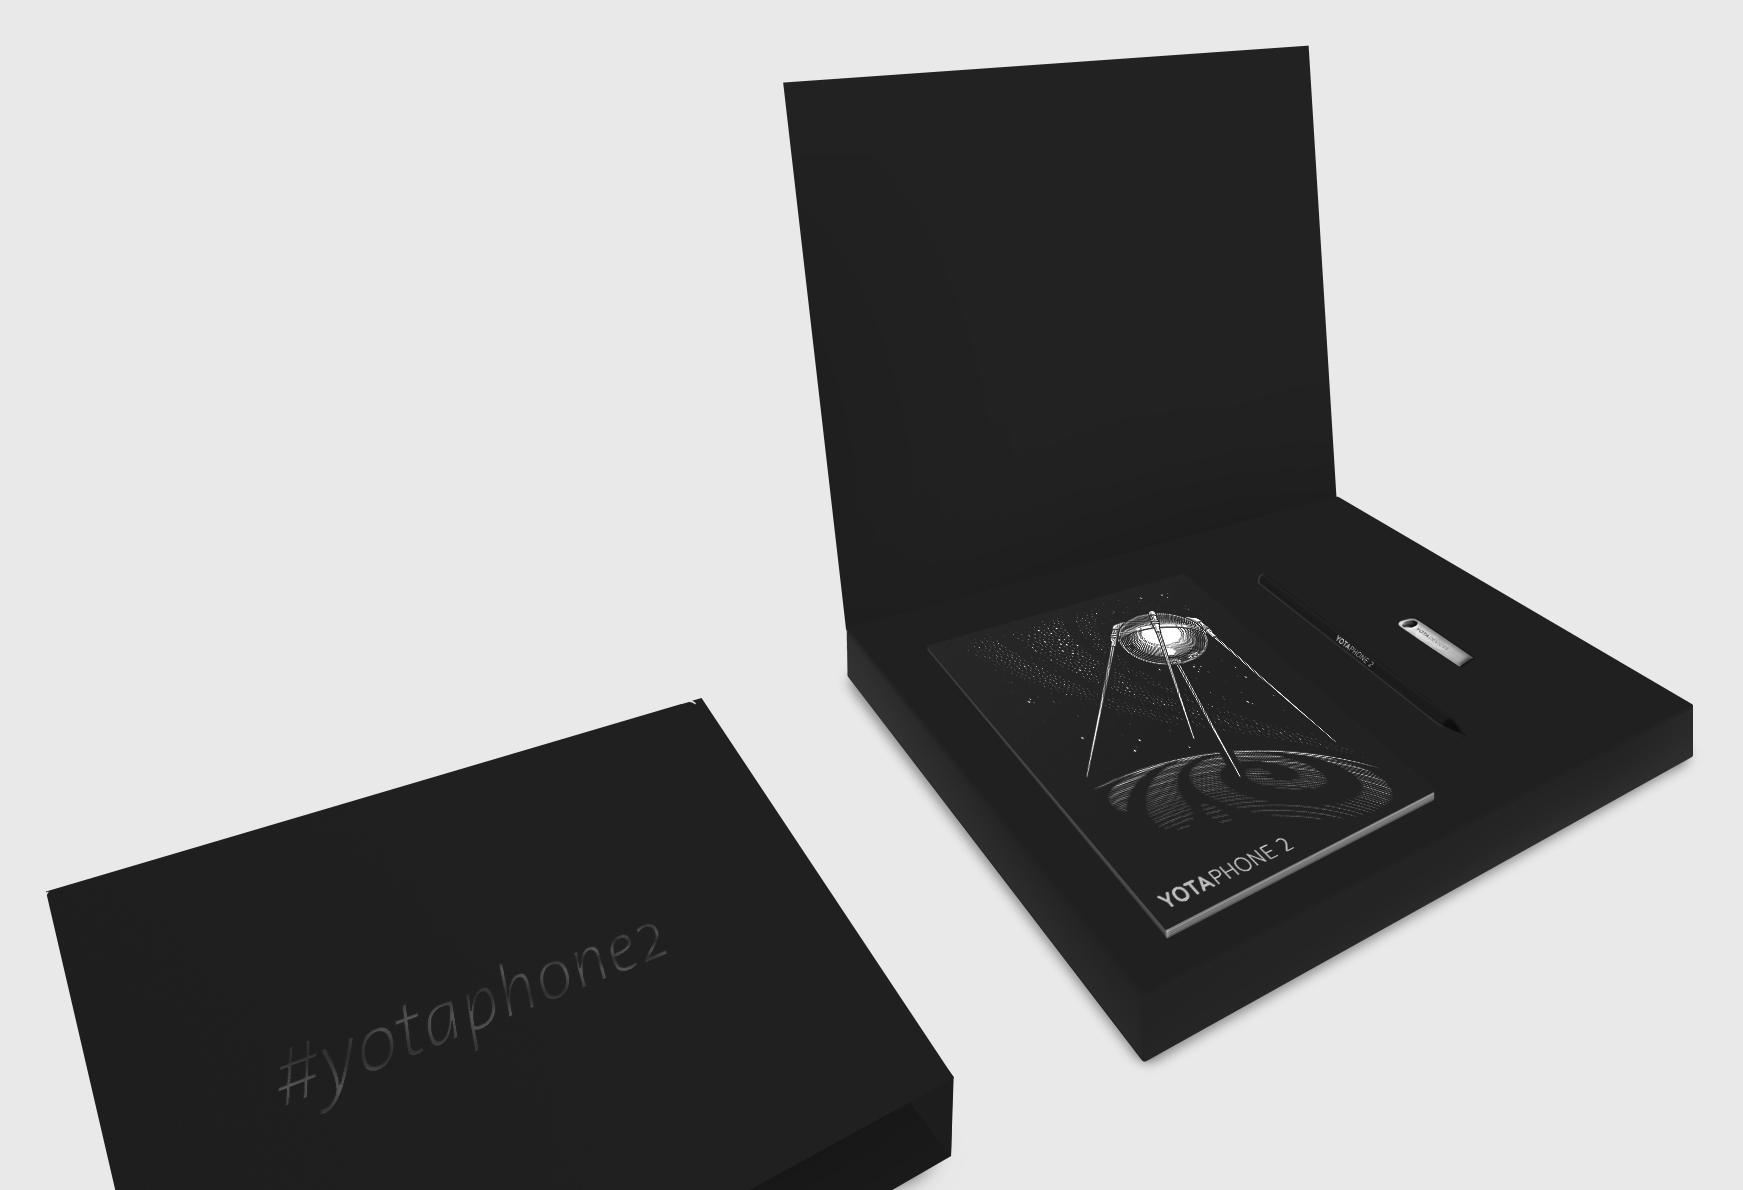 Изготовление полиграфии для презентации YotaPhone2